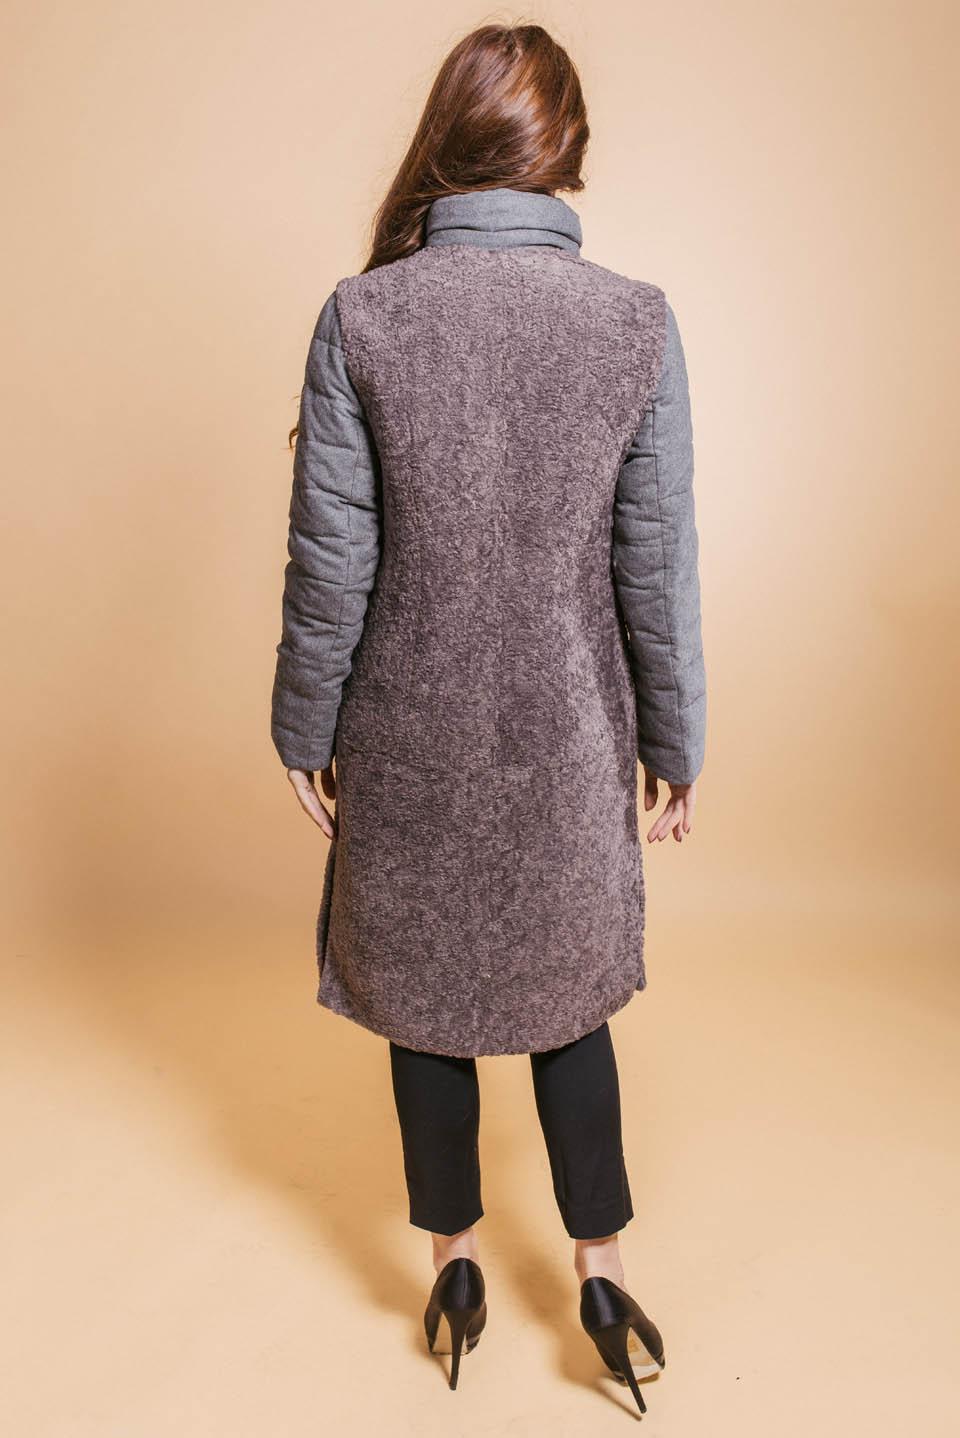 пальто женское, распродажа, пальто - жилетка, трансформер, распродажа, скидки